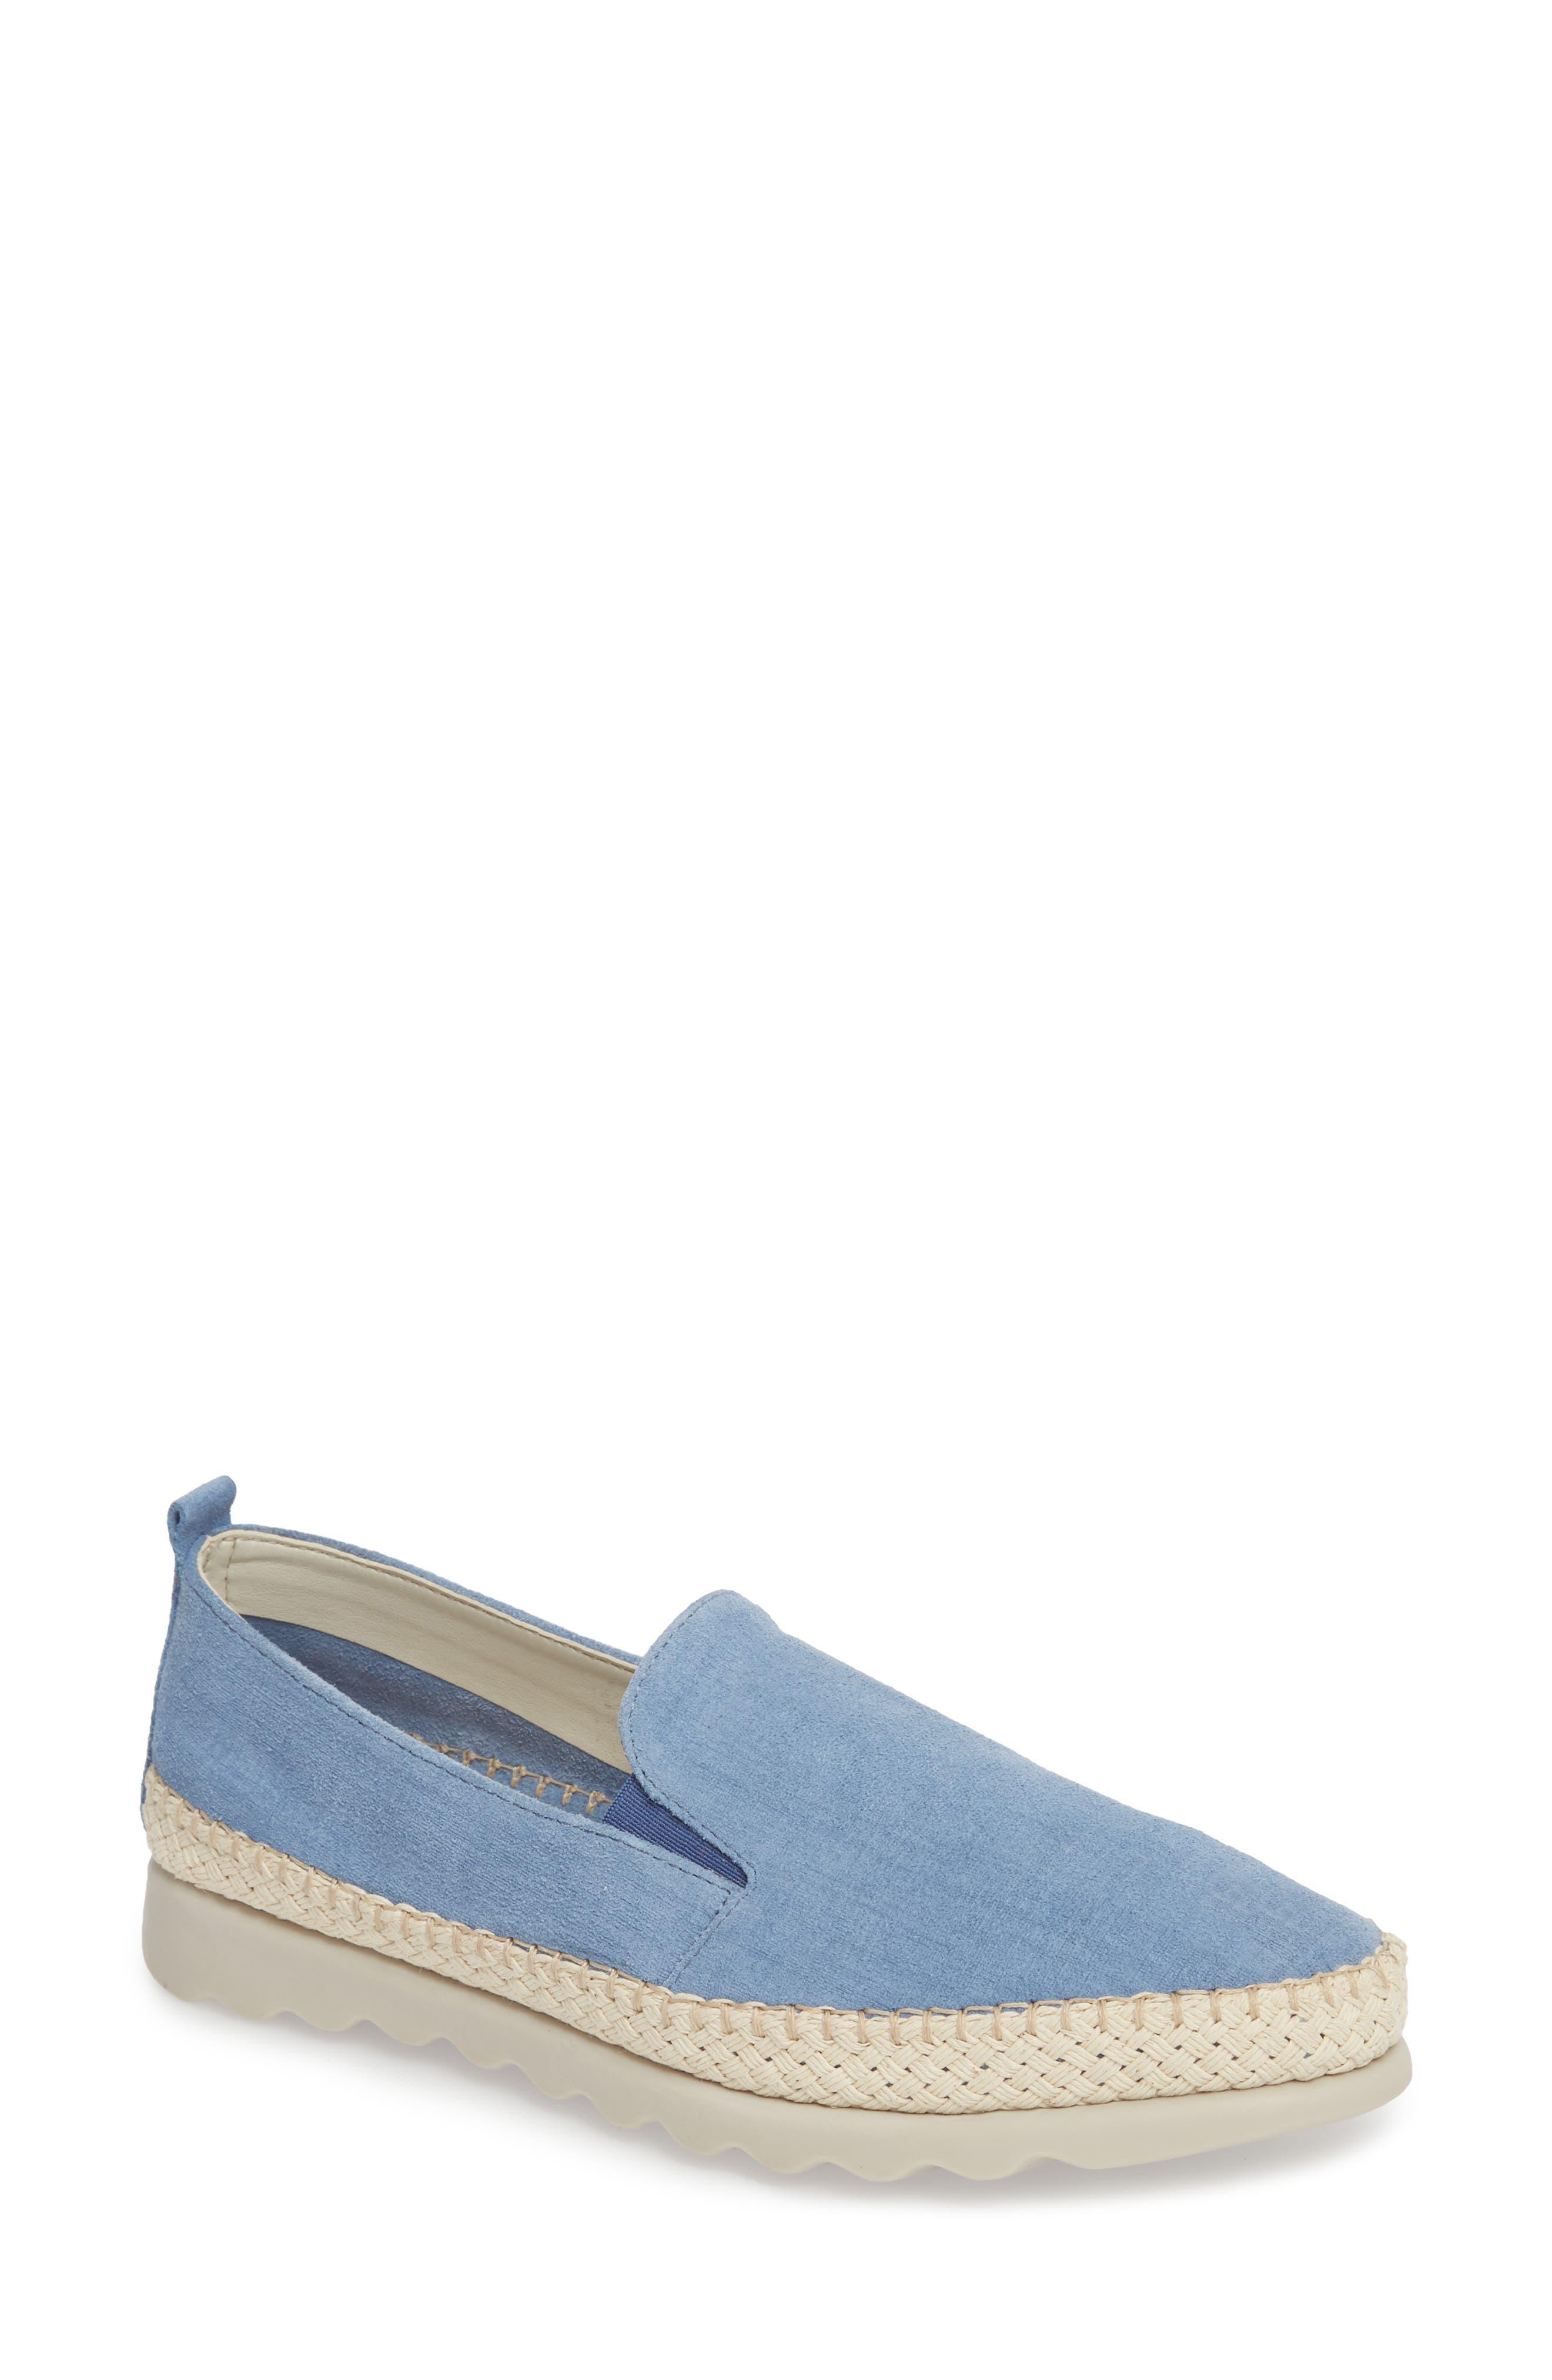 Chappie Slip-On Sneaker,                         Main,                         color, DENIM PRINTED SUEDE